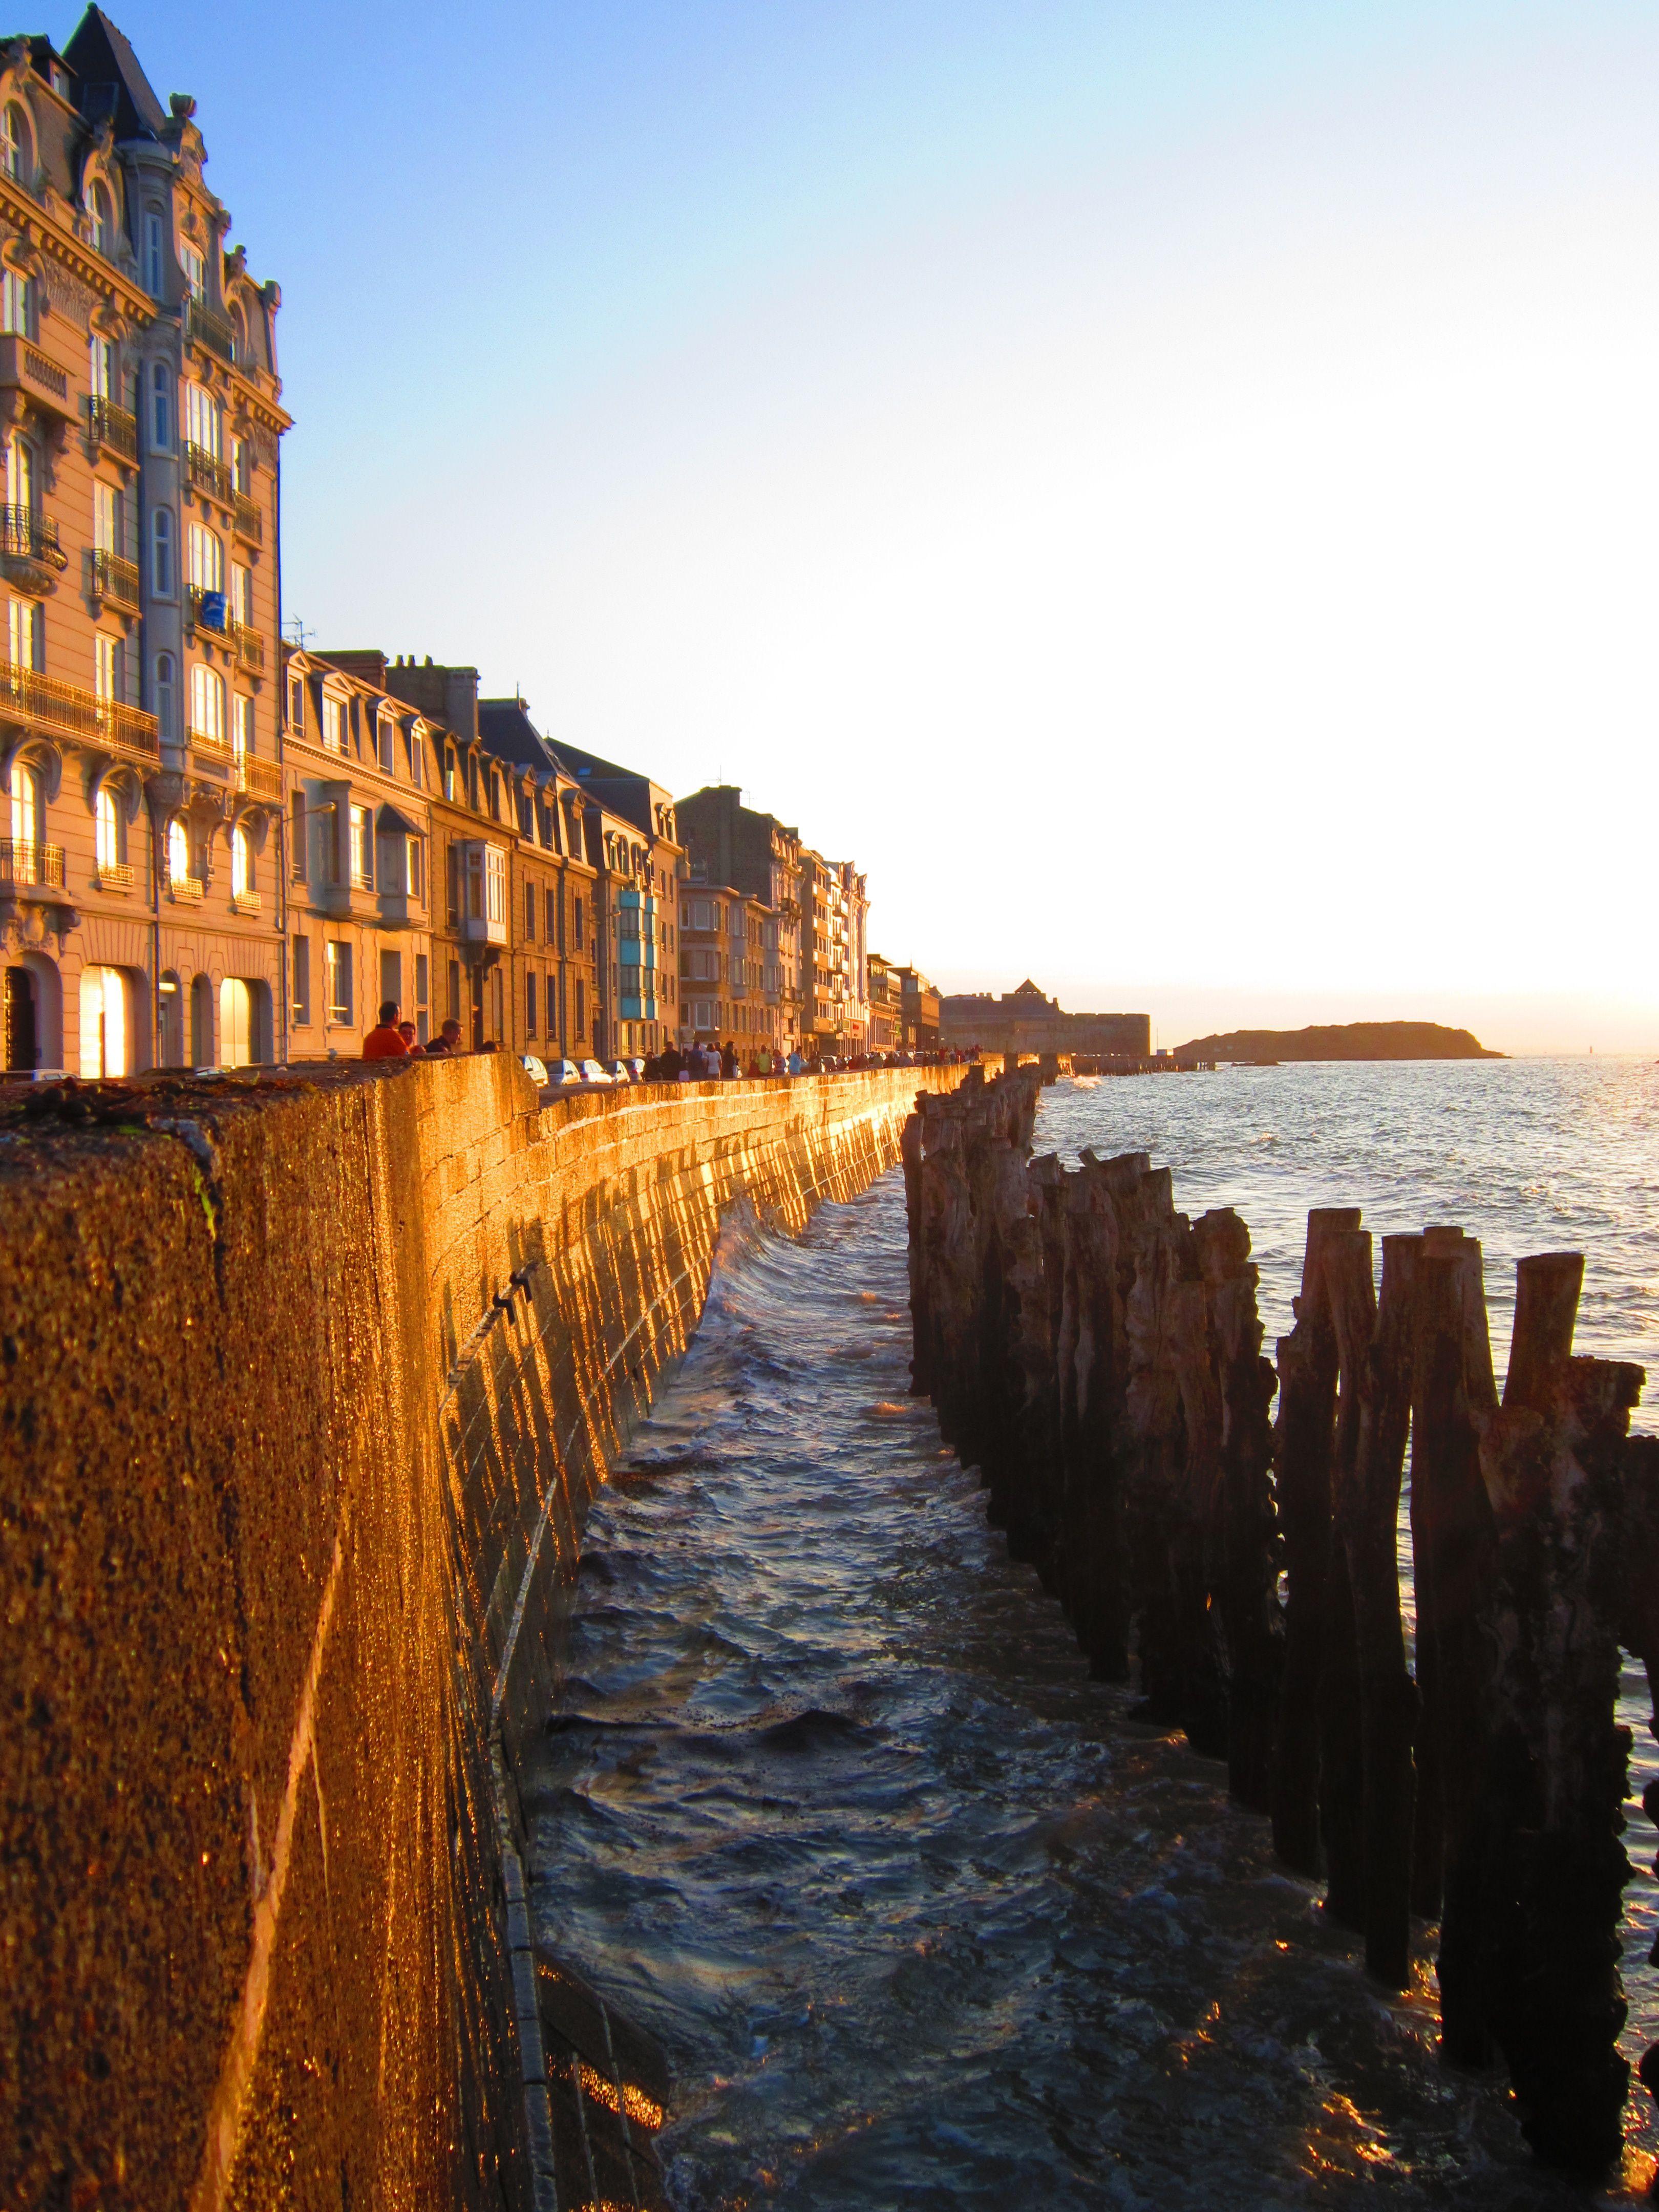 SaintMalo, France BEAUTIFUL BEAUTIFUL BEAUTIFUL! GO